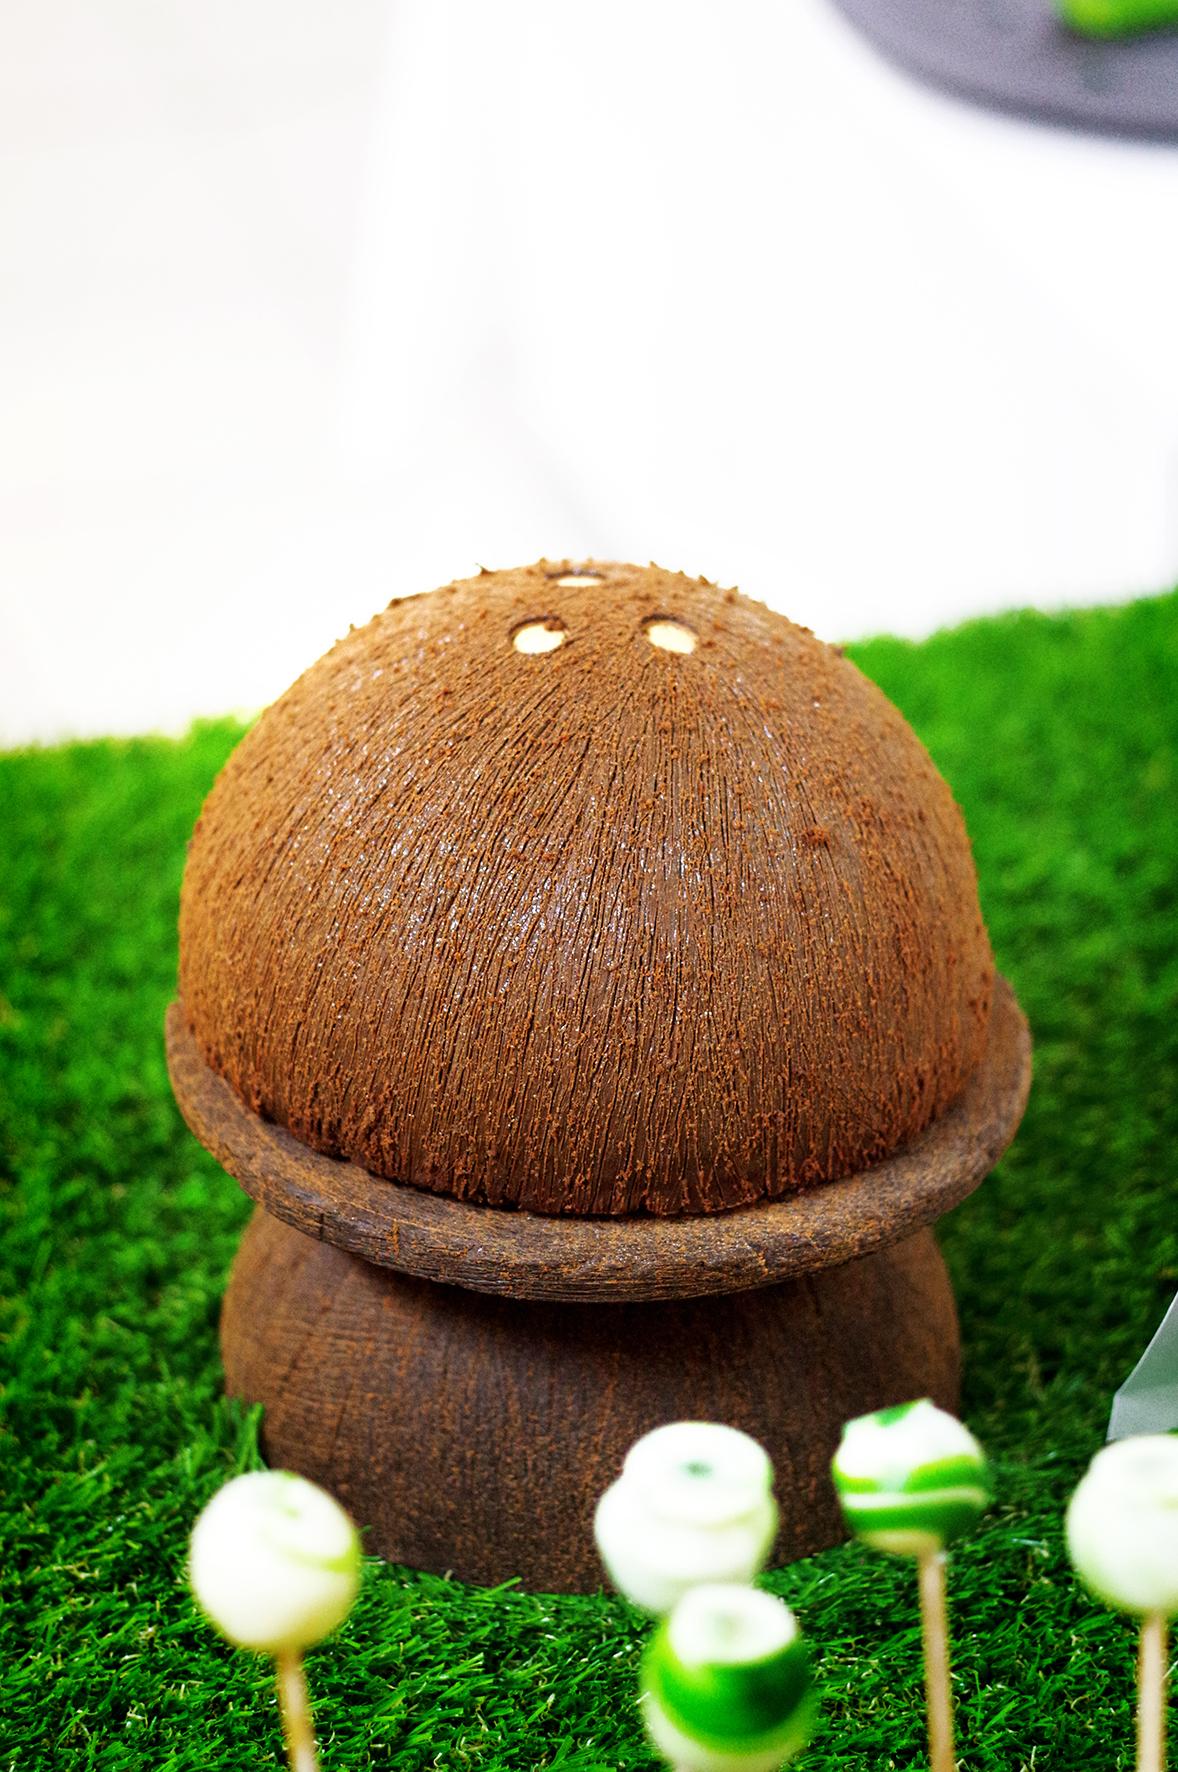 Une création originale de METAIS Fabrice: second lauréat du concours. Un entremets Valrhona (marque de chocolat) imitant de manière bluffante une noix de coco. Le niveau était au rendez-vous de l'évènement.